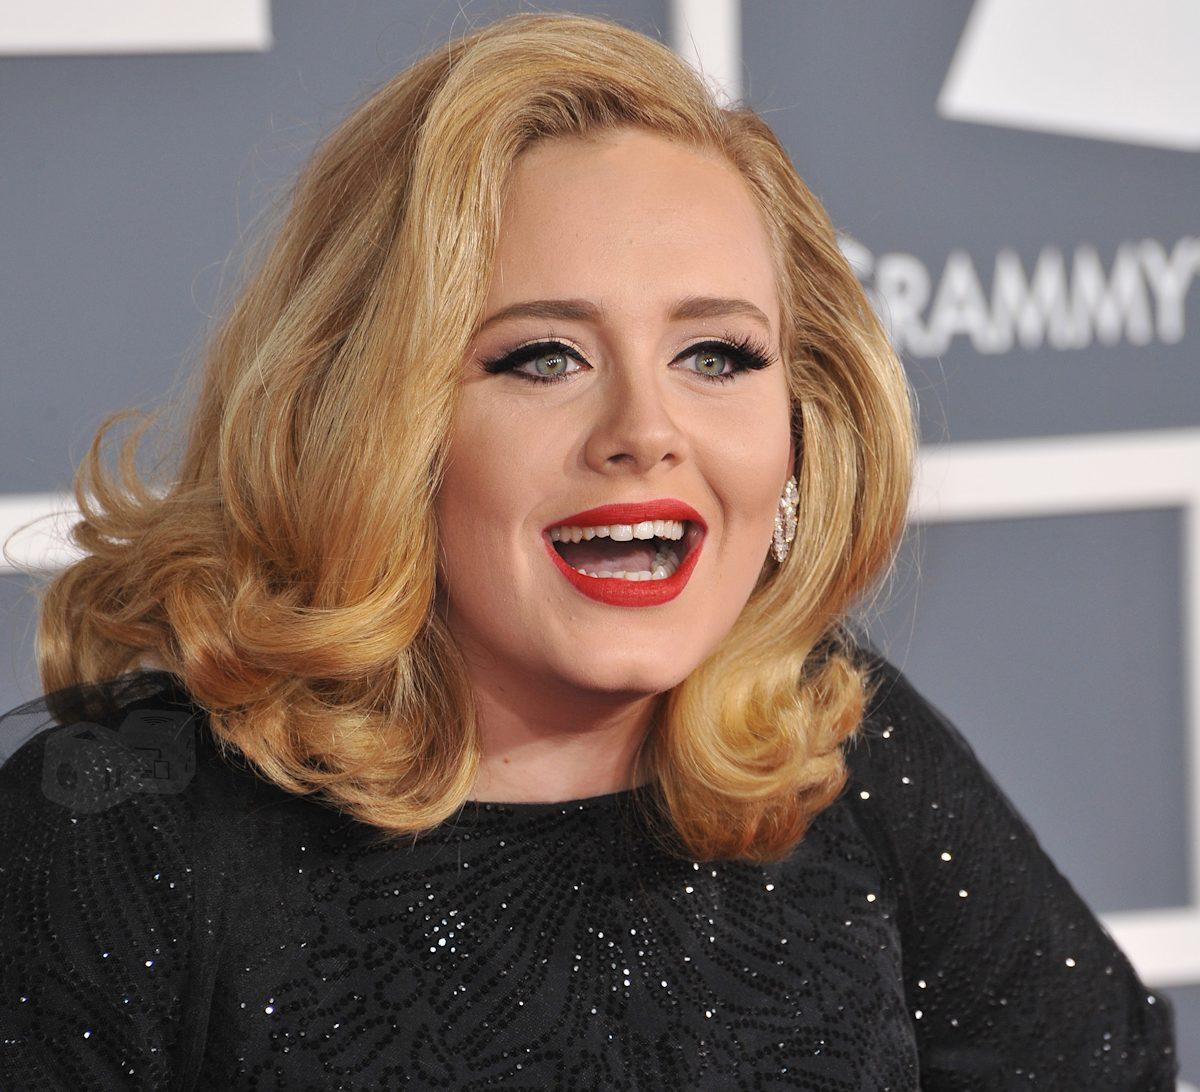 Adele kan grine hele vejen ned til banken. Foto: Shutterstock.com